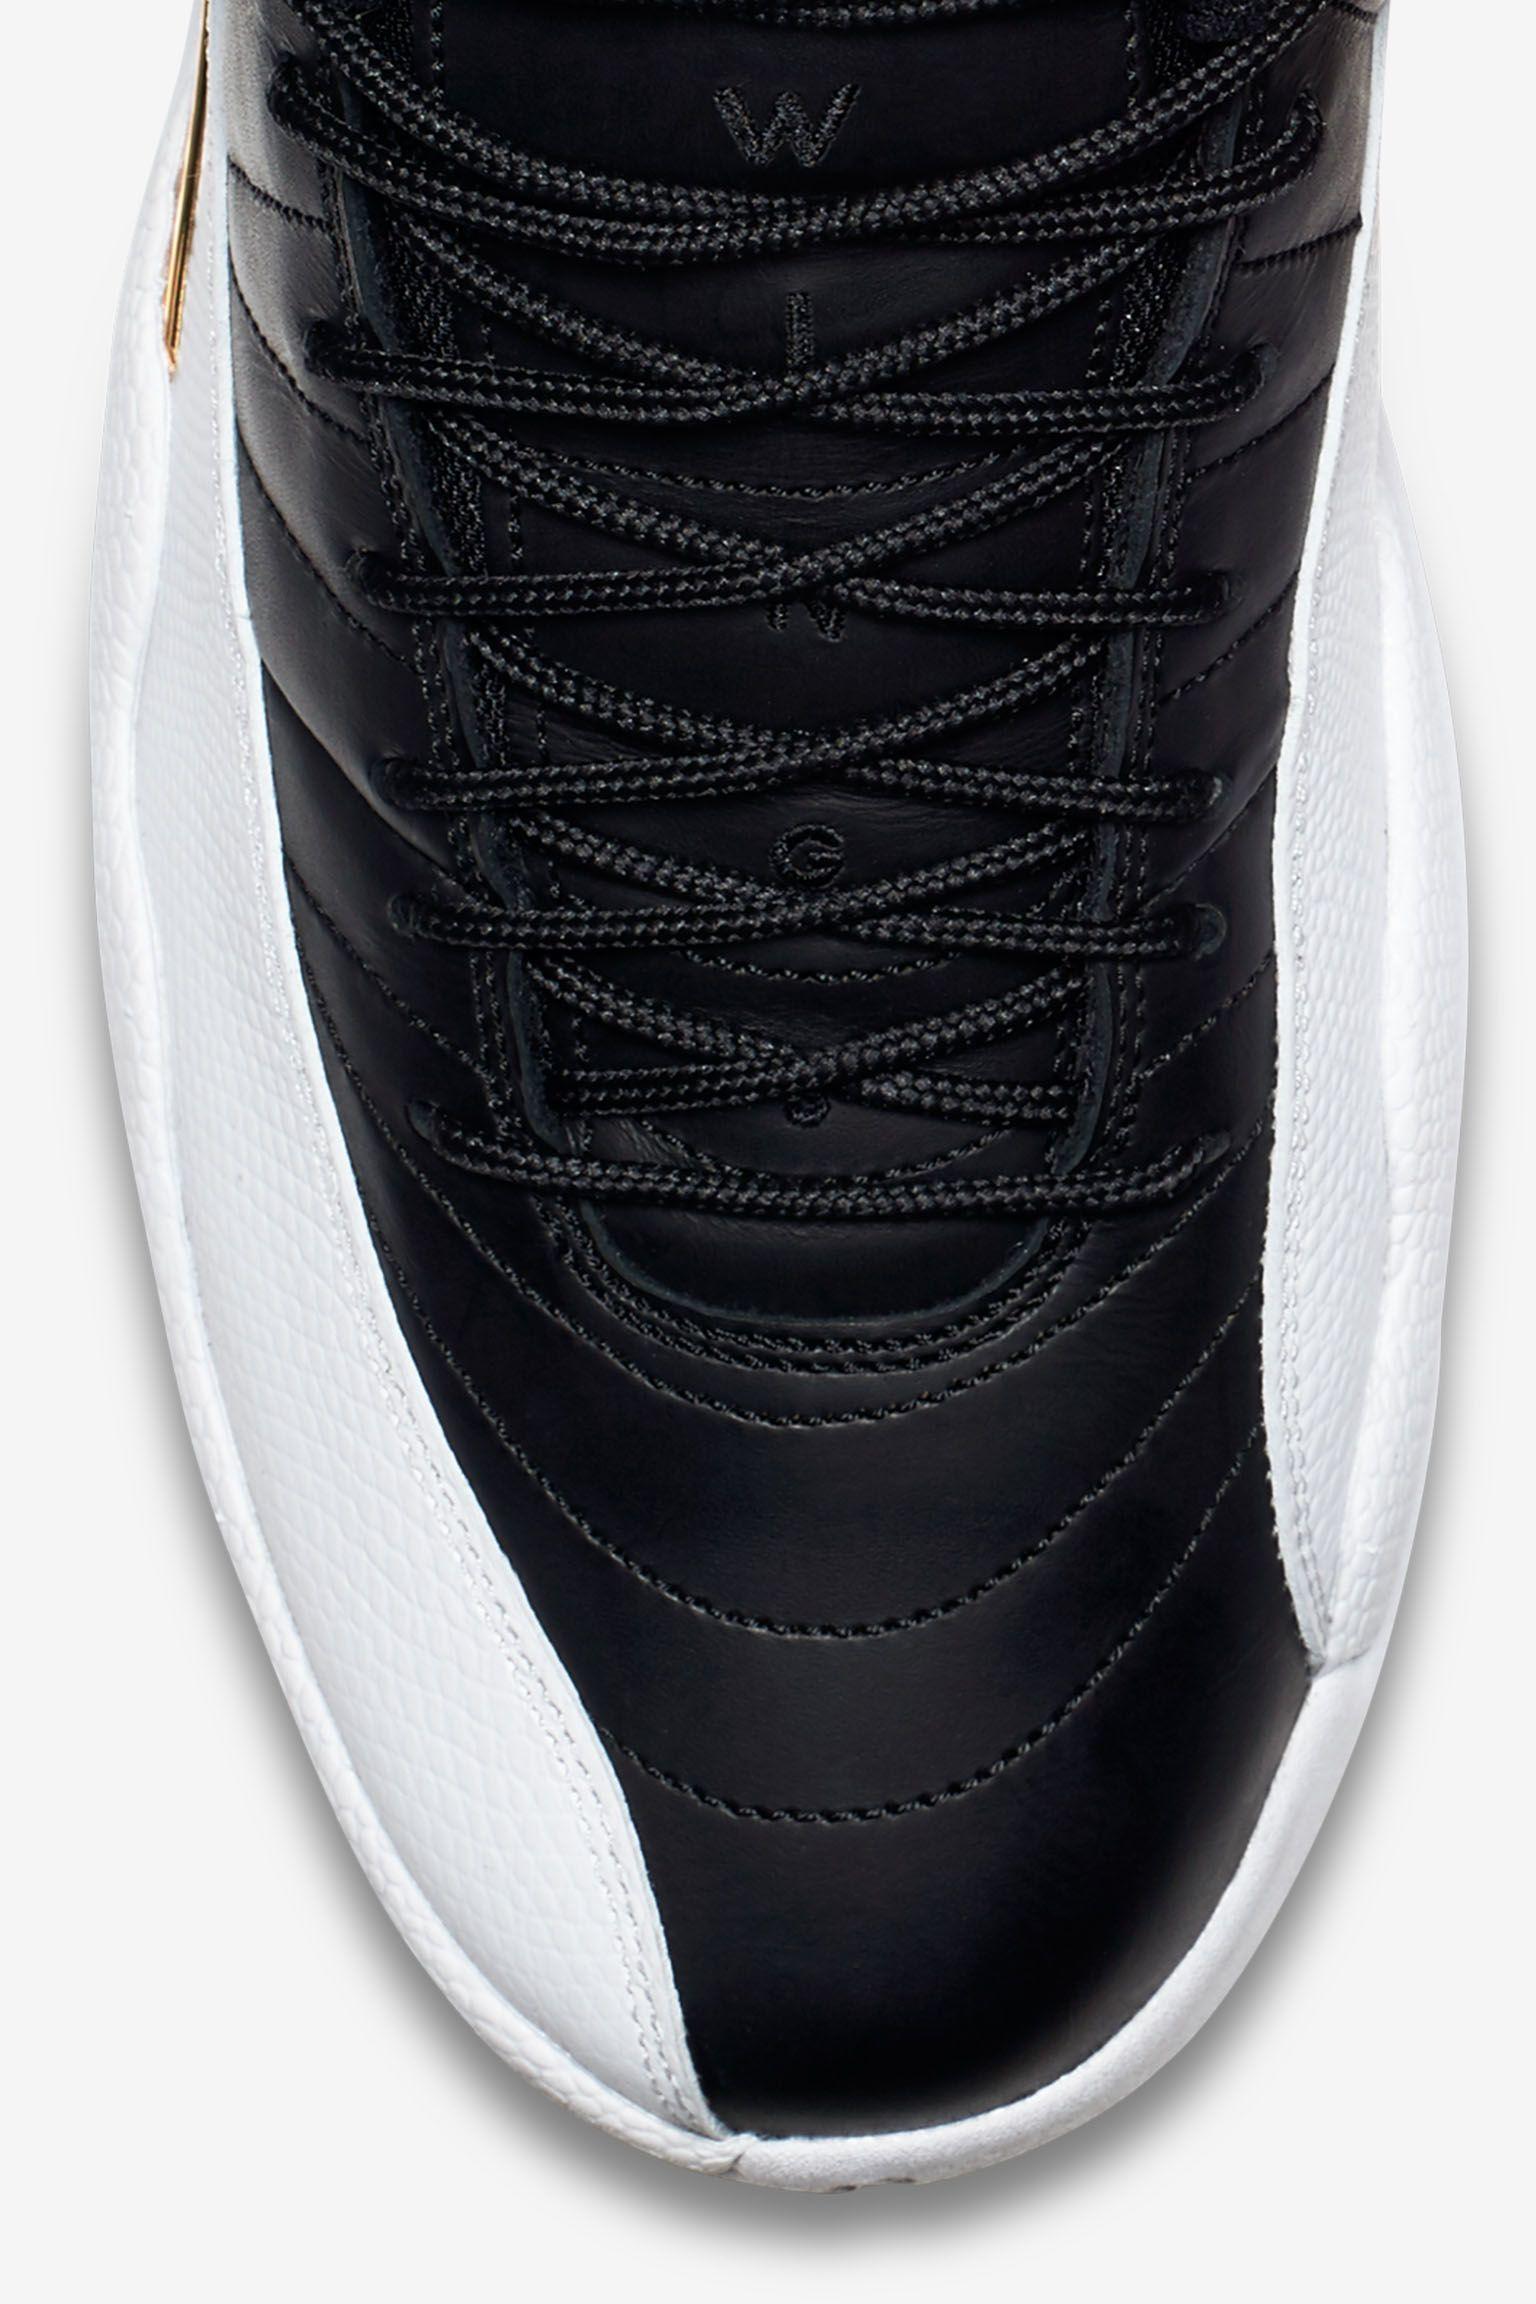 Air Jordan 12 Retro 'Wings' Release Date